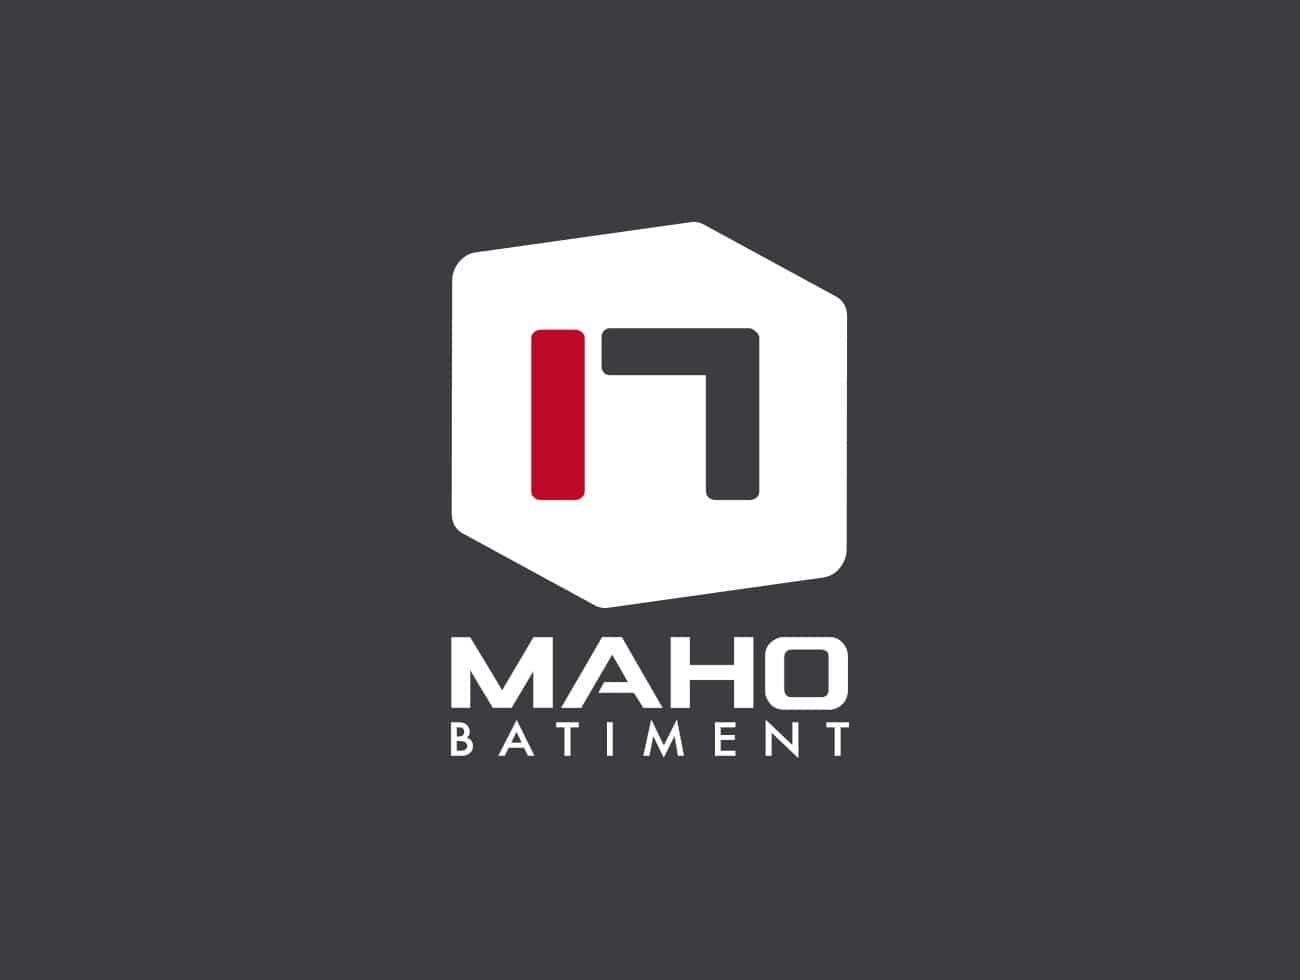 1-maho-batiment-identité-visuelle-logo-communication-bretagne-lorient